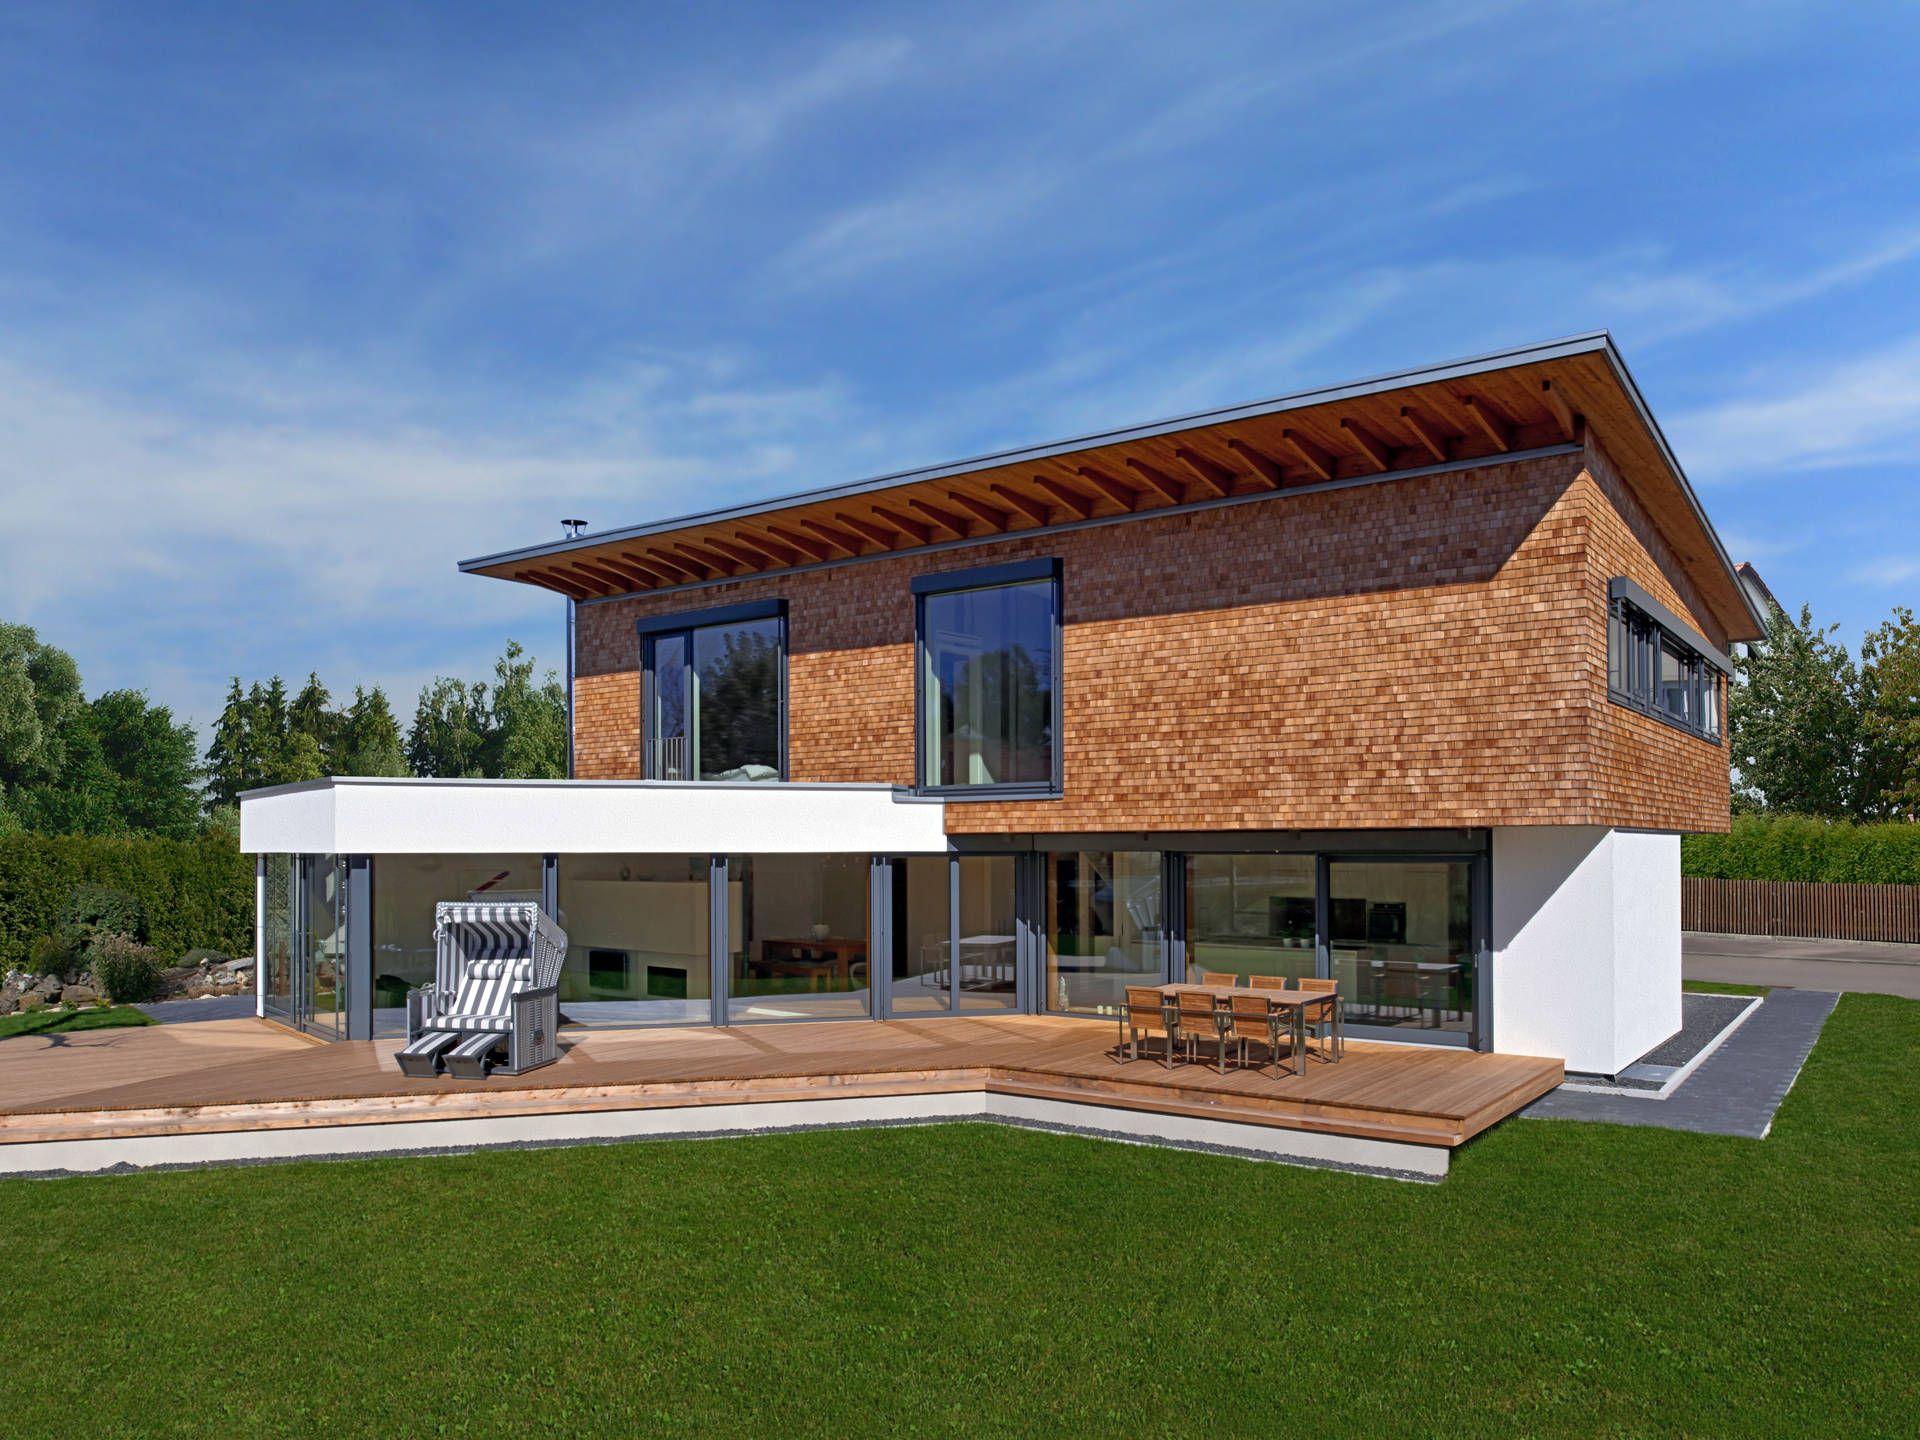 Modernes holzhaus pultdach  Designhaus Bullinger • Designerhaus von Baufritz • Modernes ...